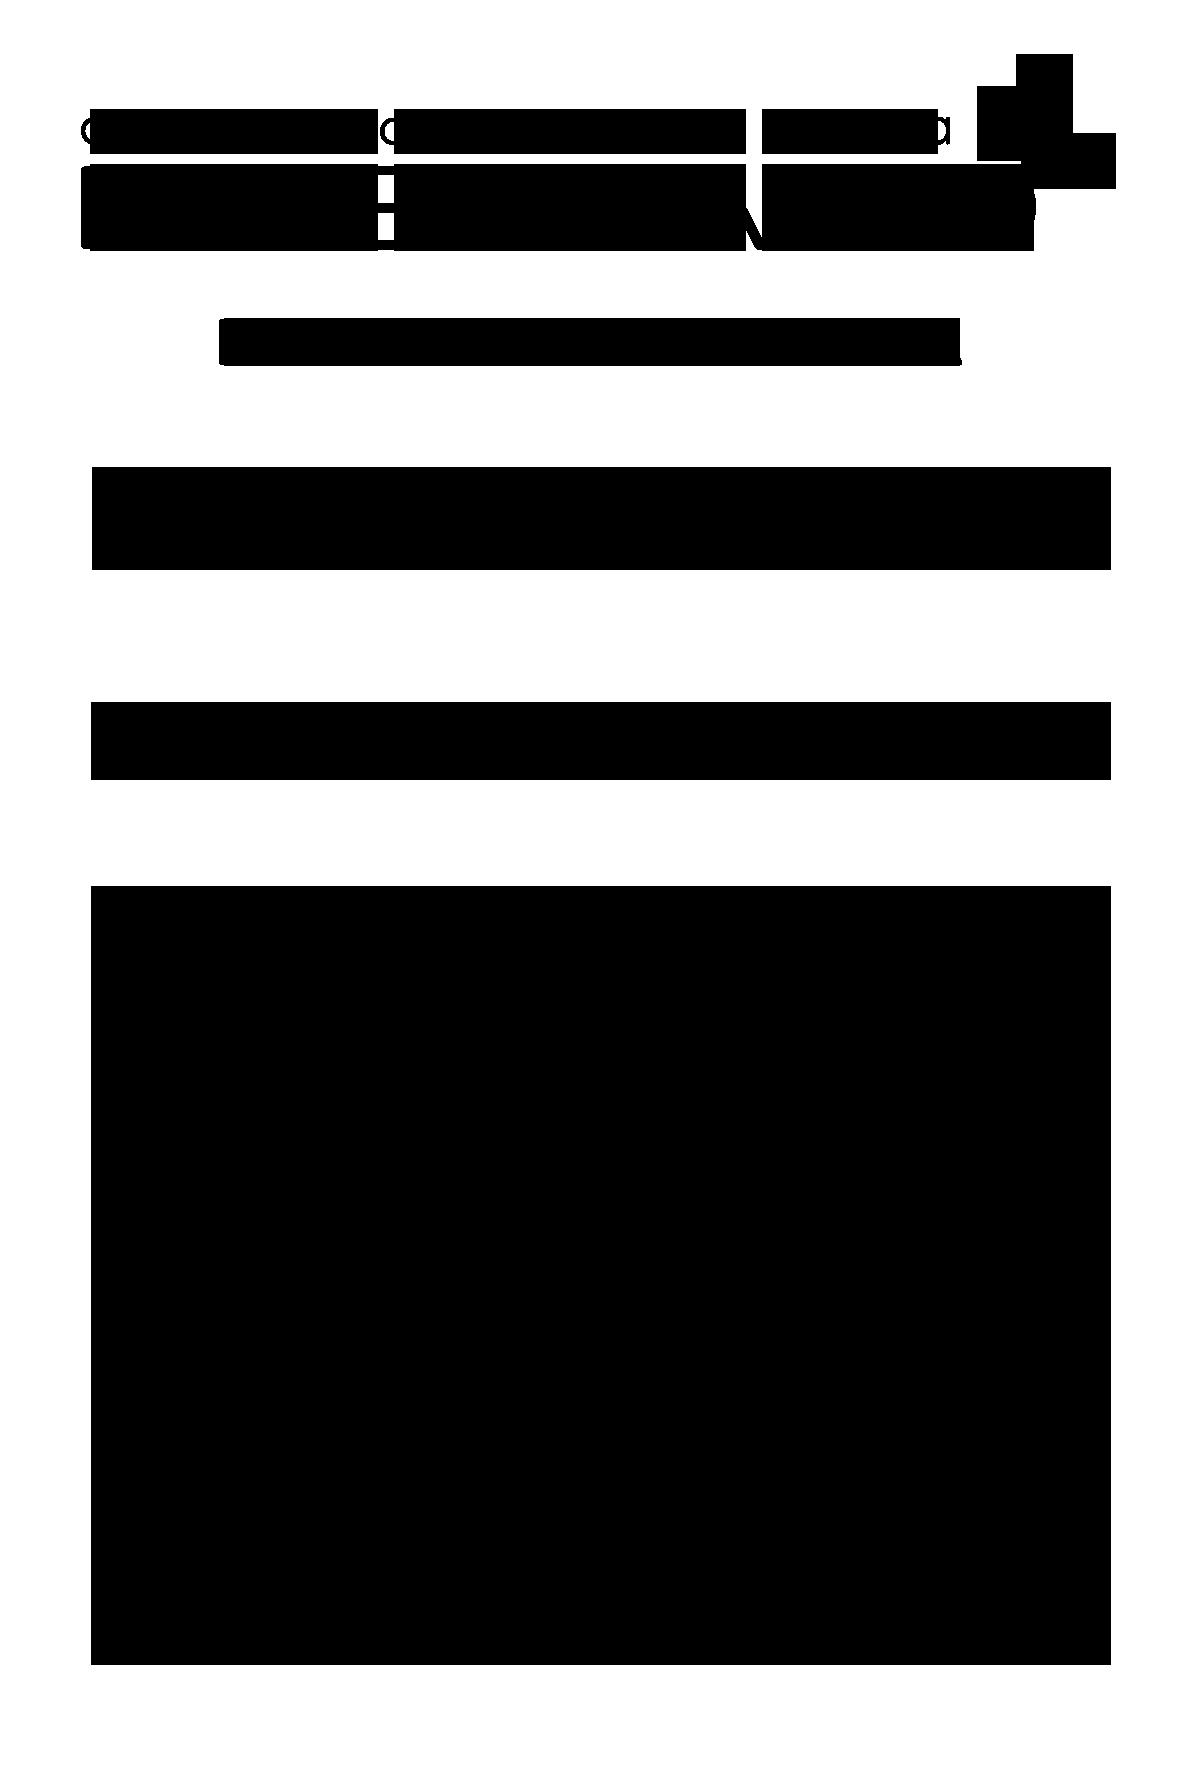 Farinha de Chia 1kg (Granel) - Esverdeando